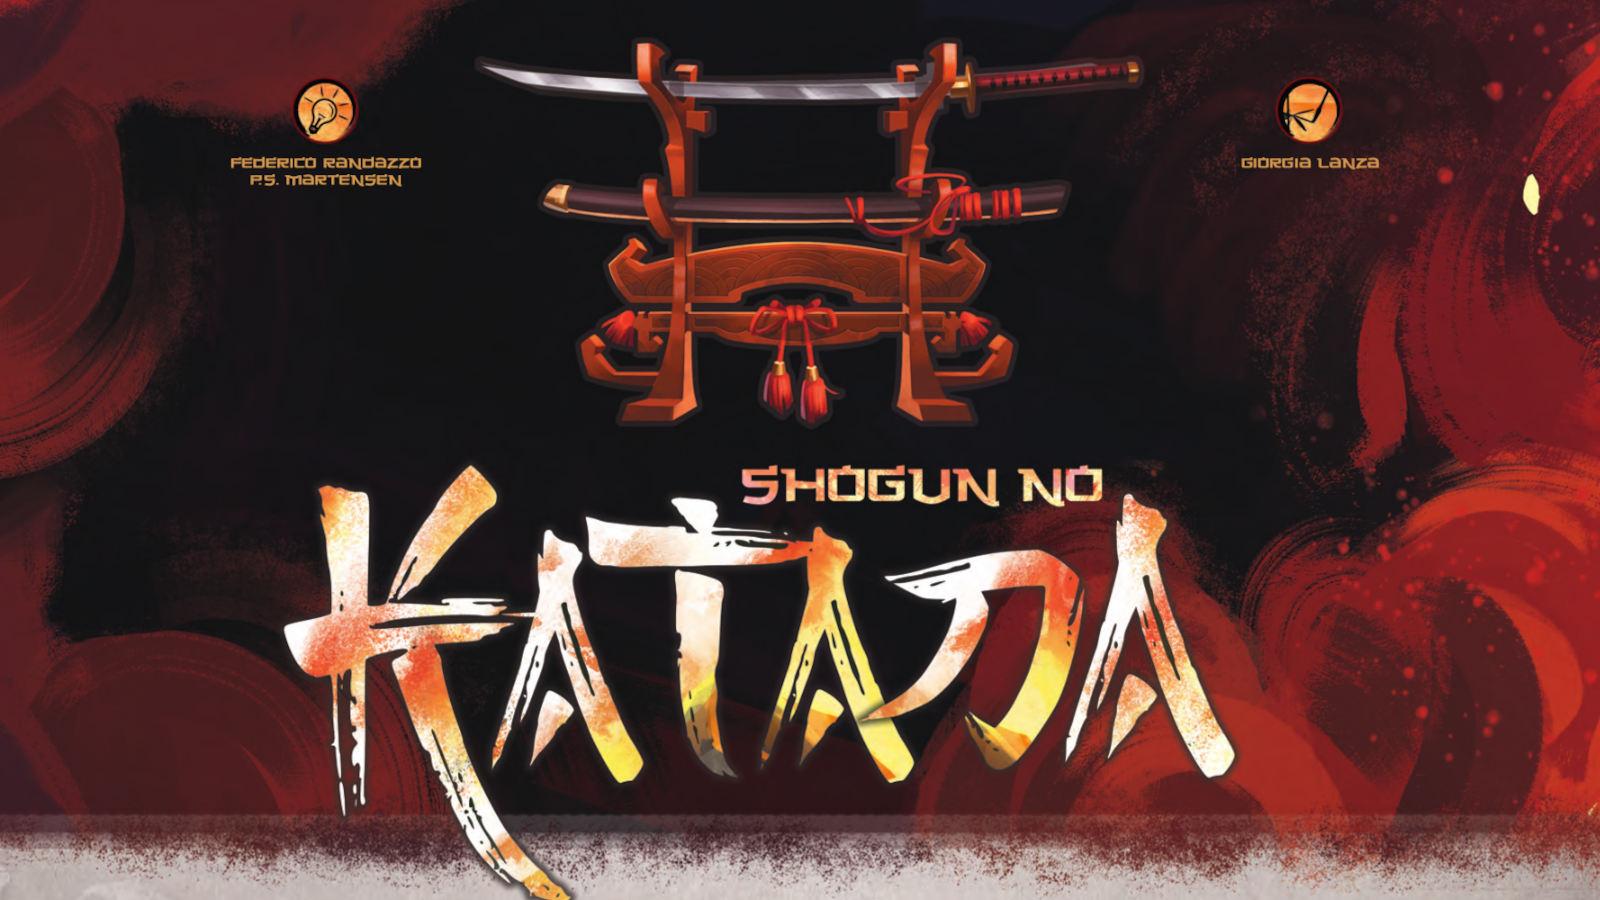 Anteprima: Shogun No Katana su Kickstarter